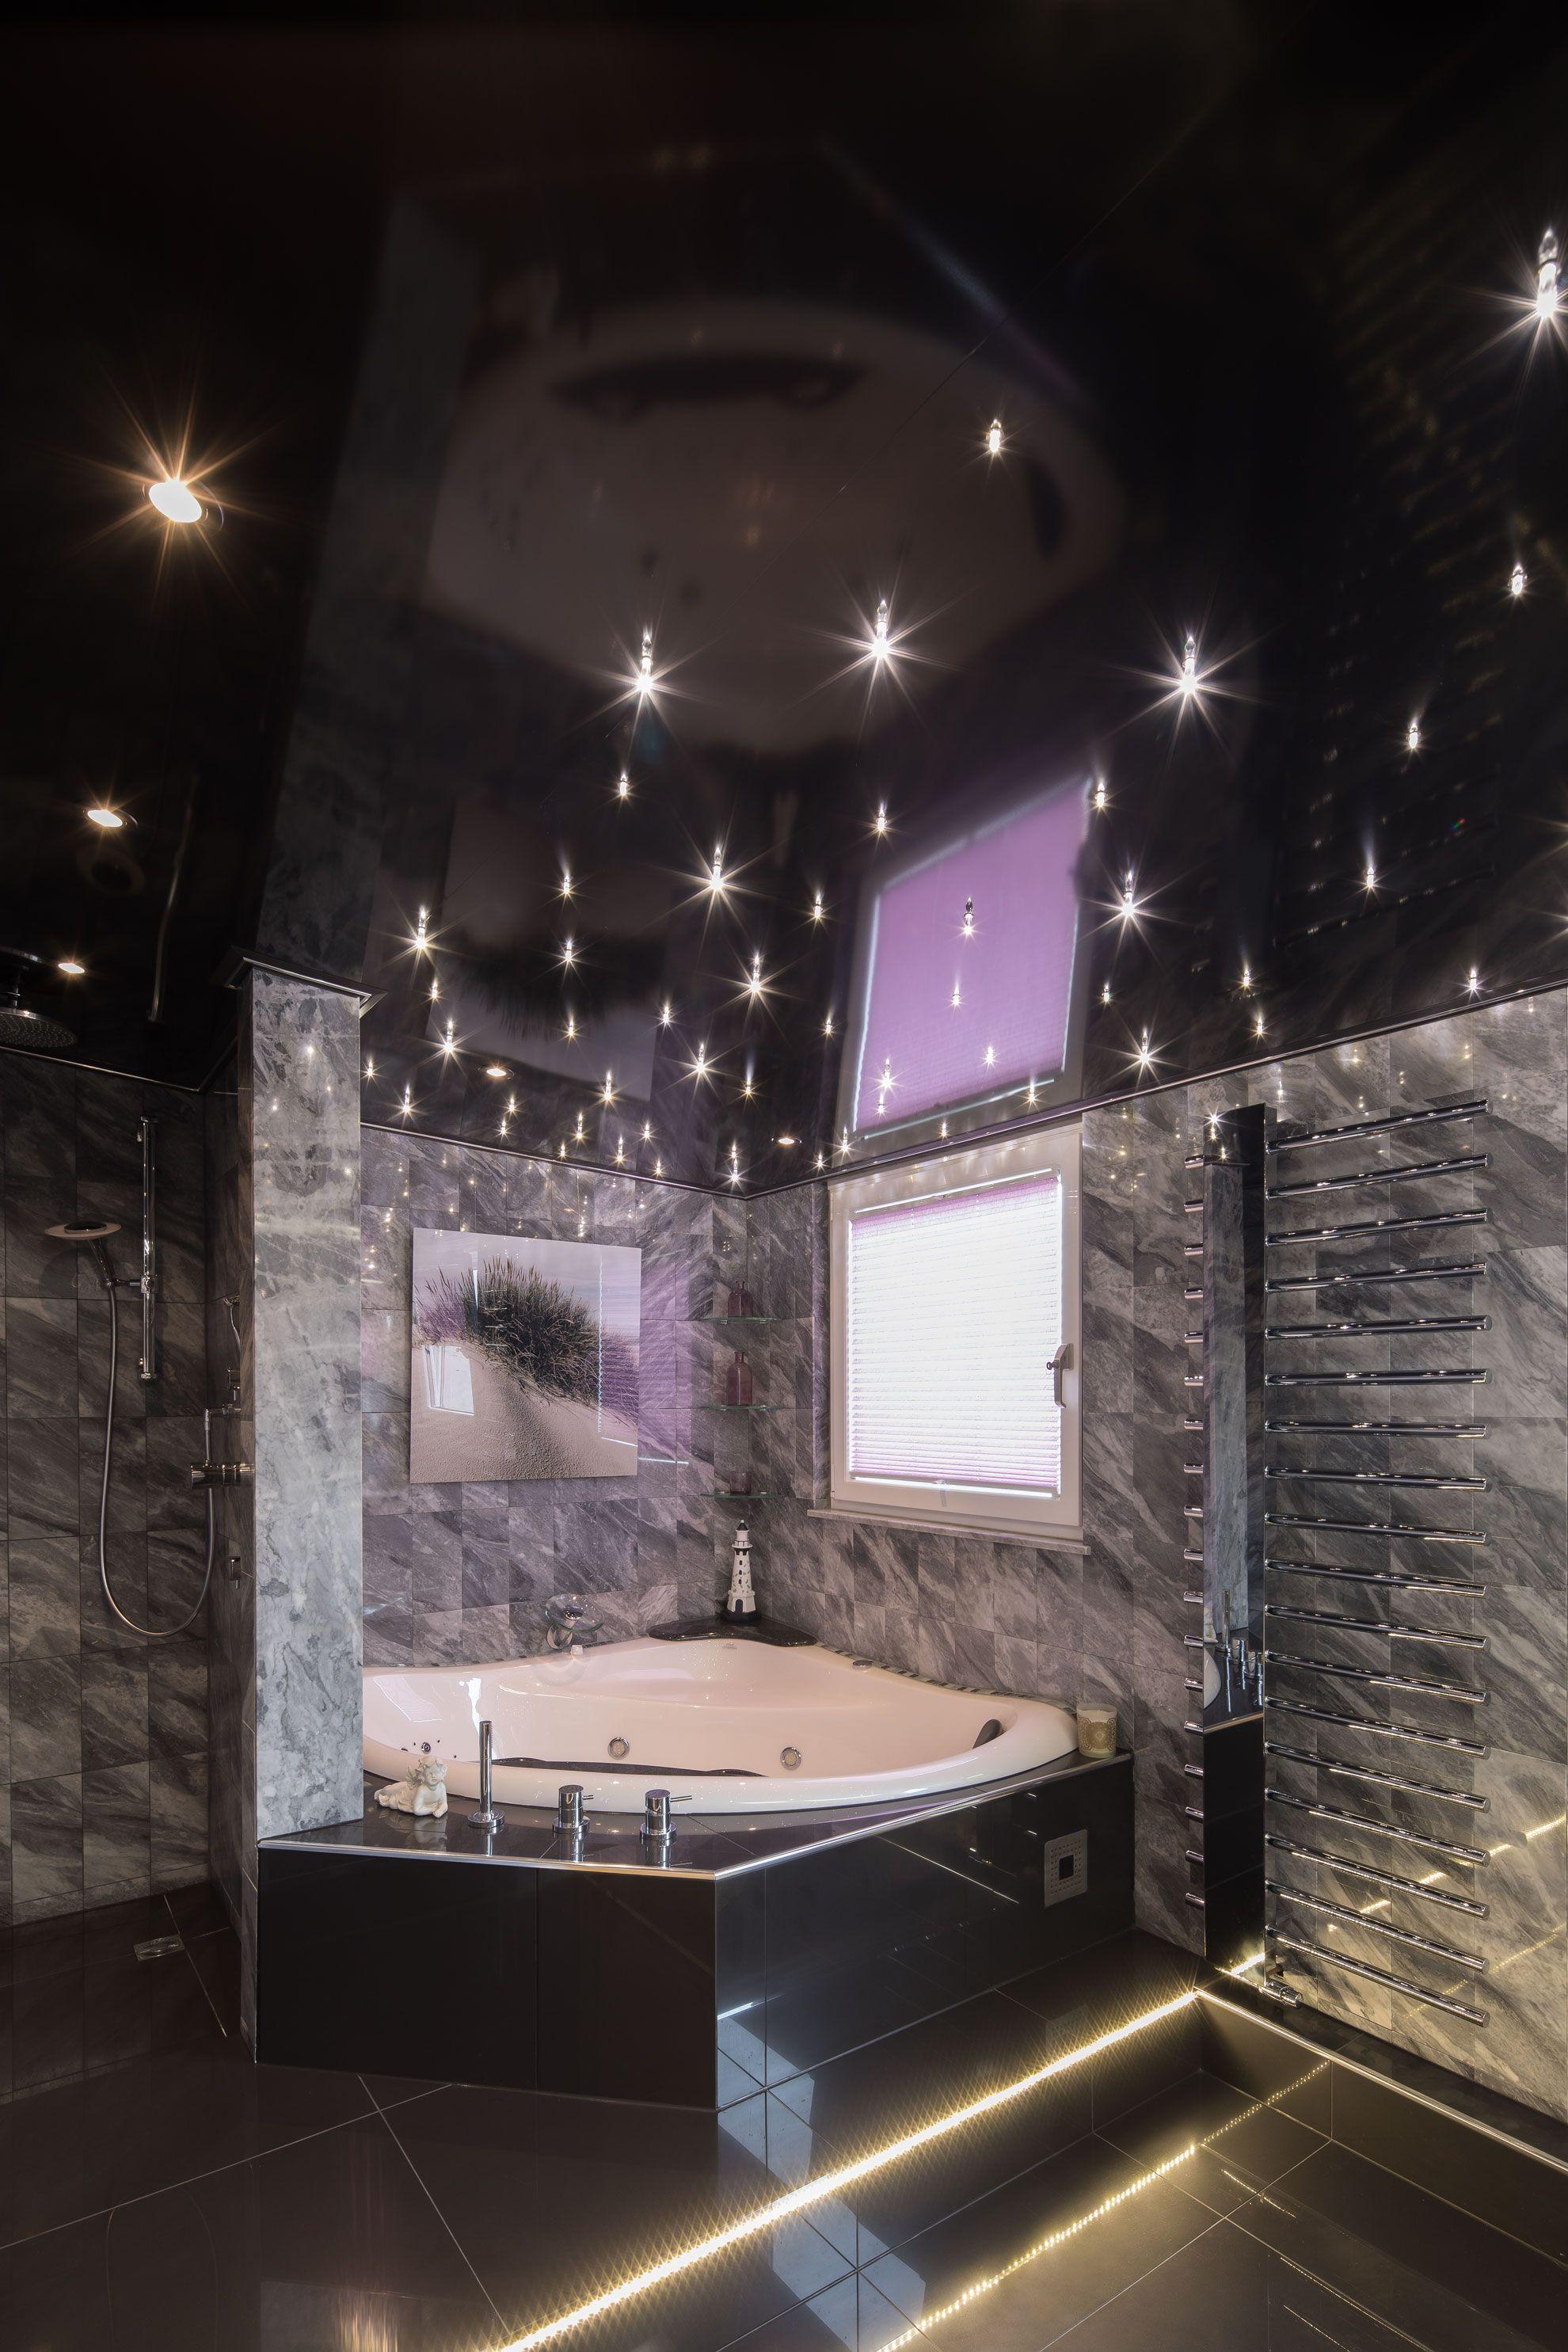 Badezimmer Decken Inspiration Badezimmer Decken Badezimmer Badezimmer Schwarz